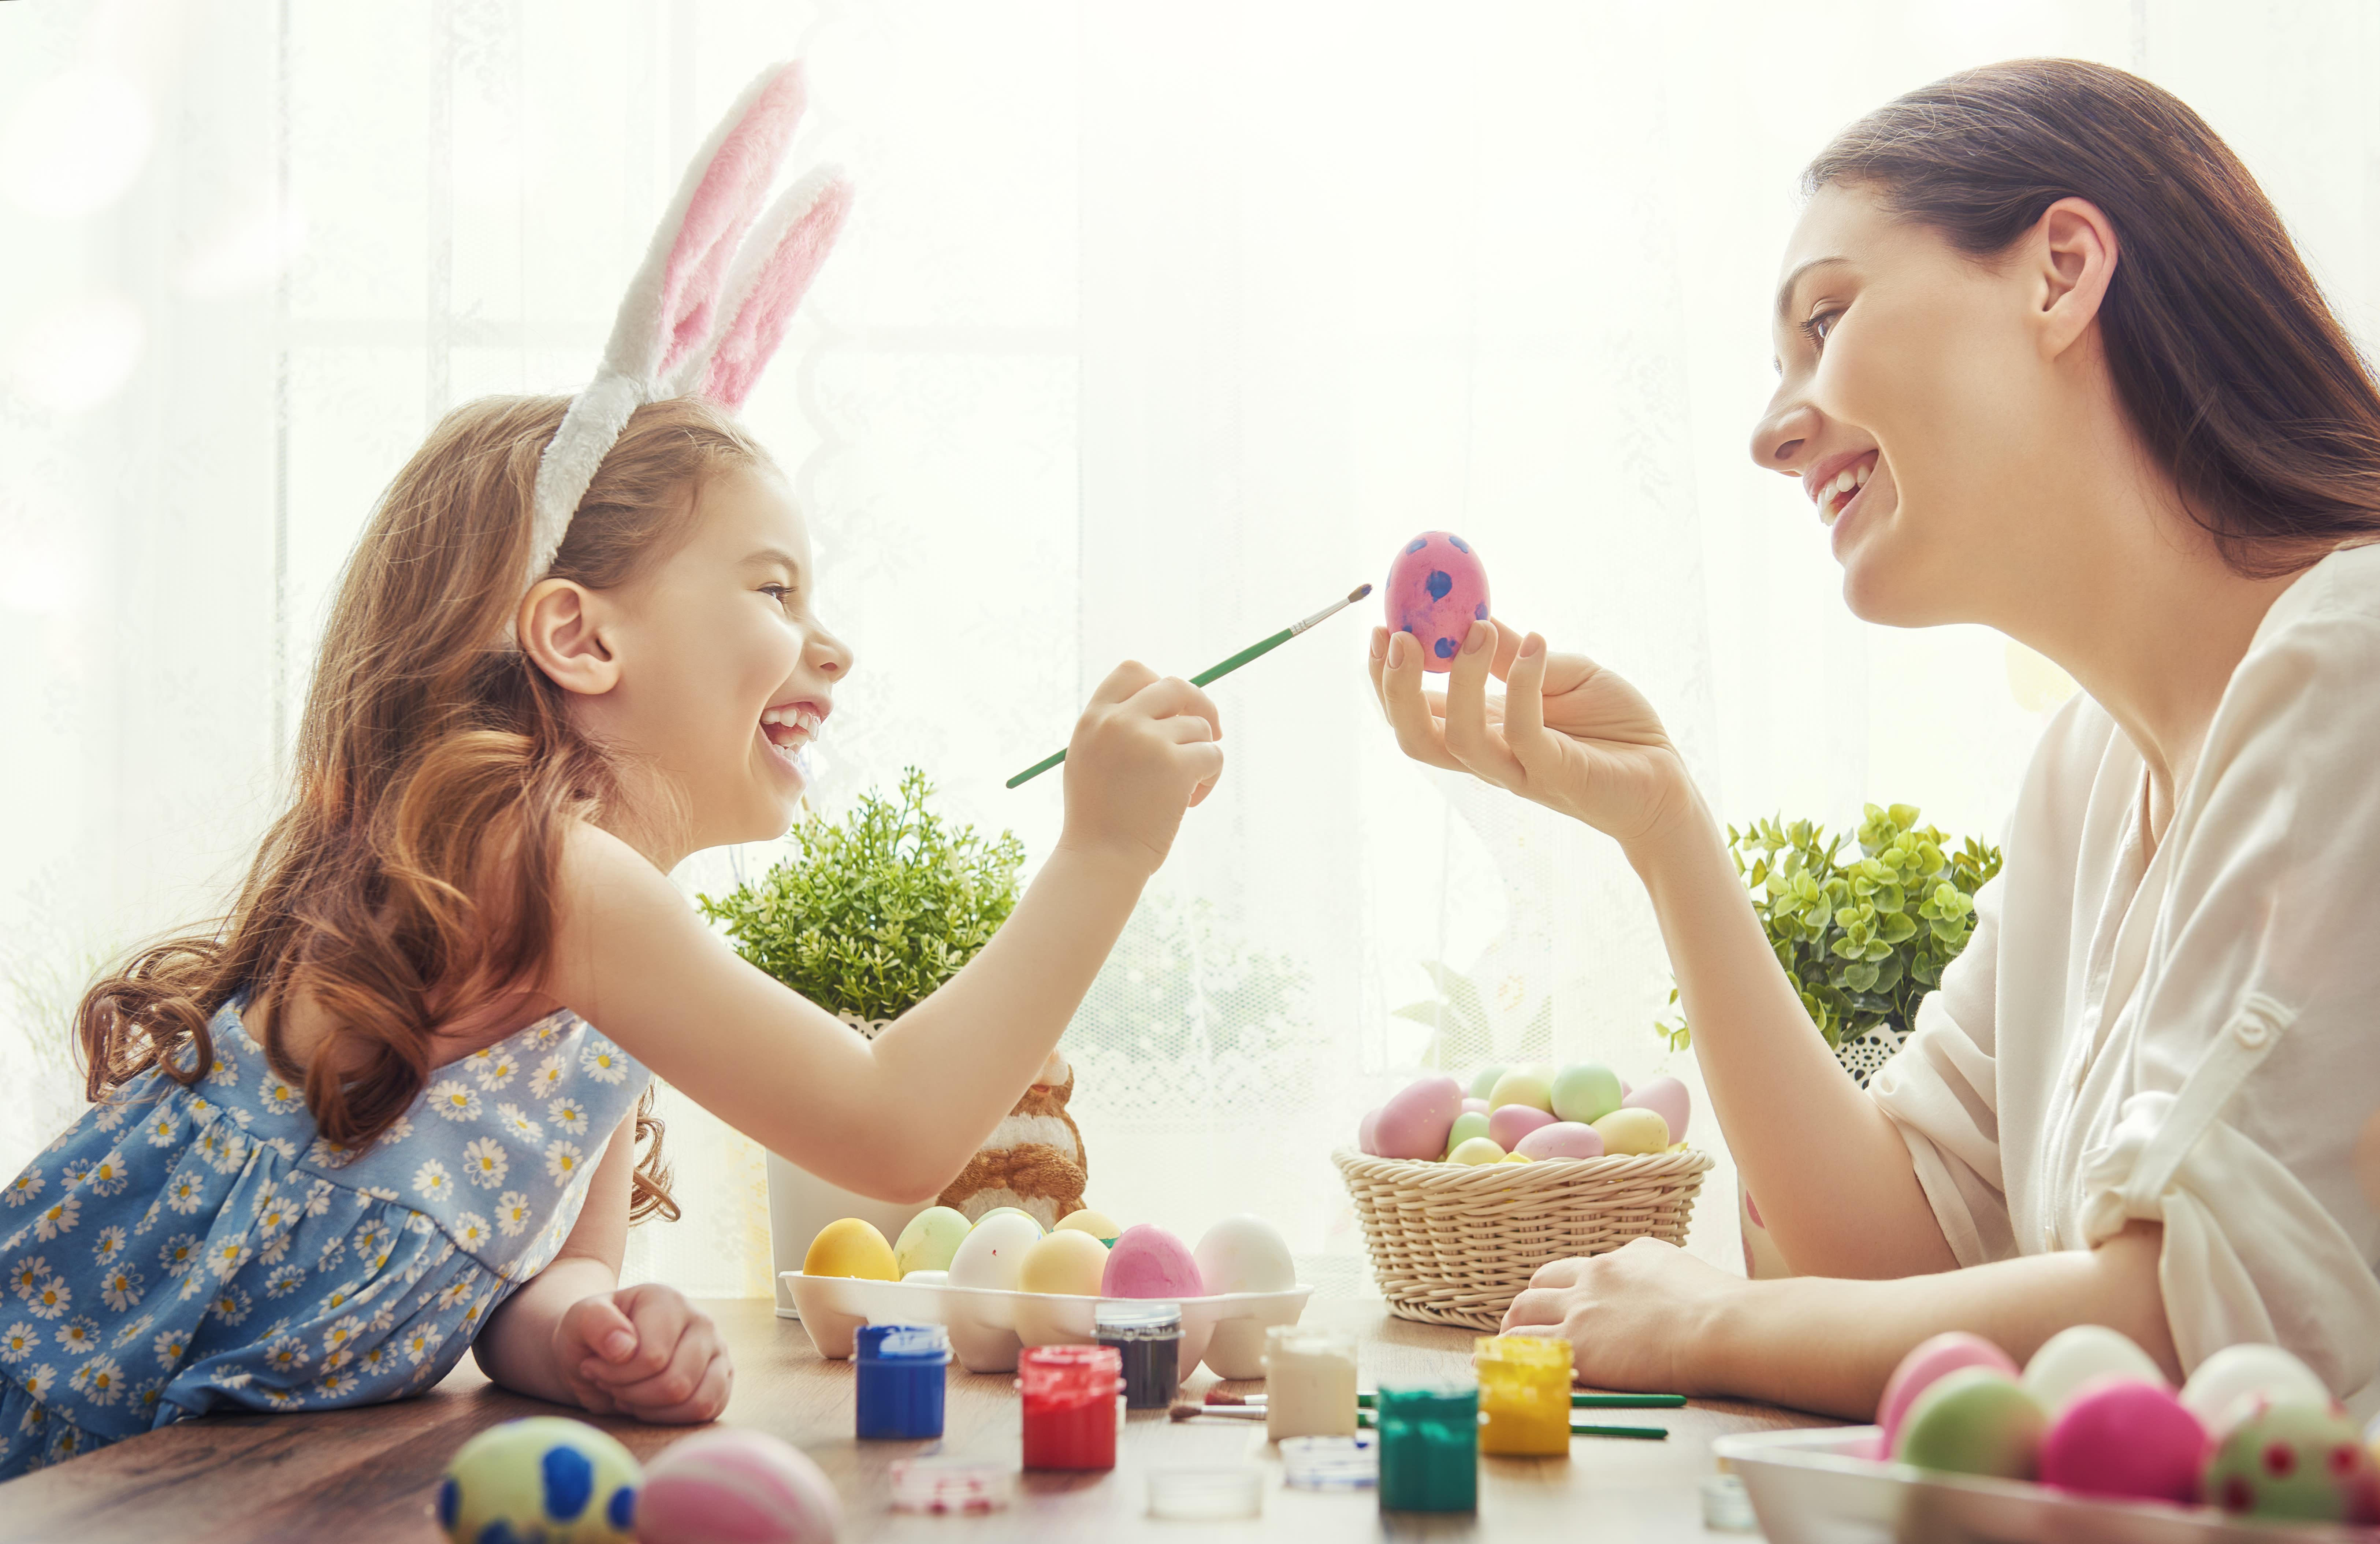 La Pascua: 5 ideas para celebrar con tus hijos este día